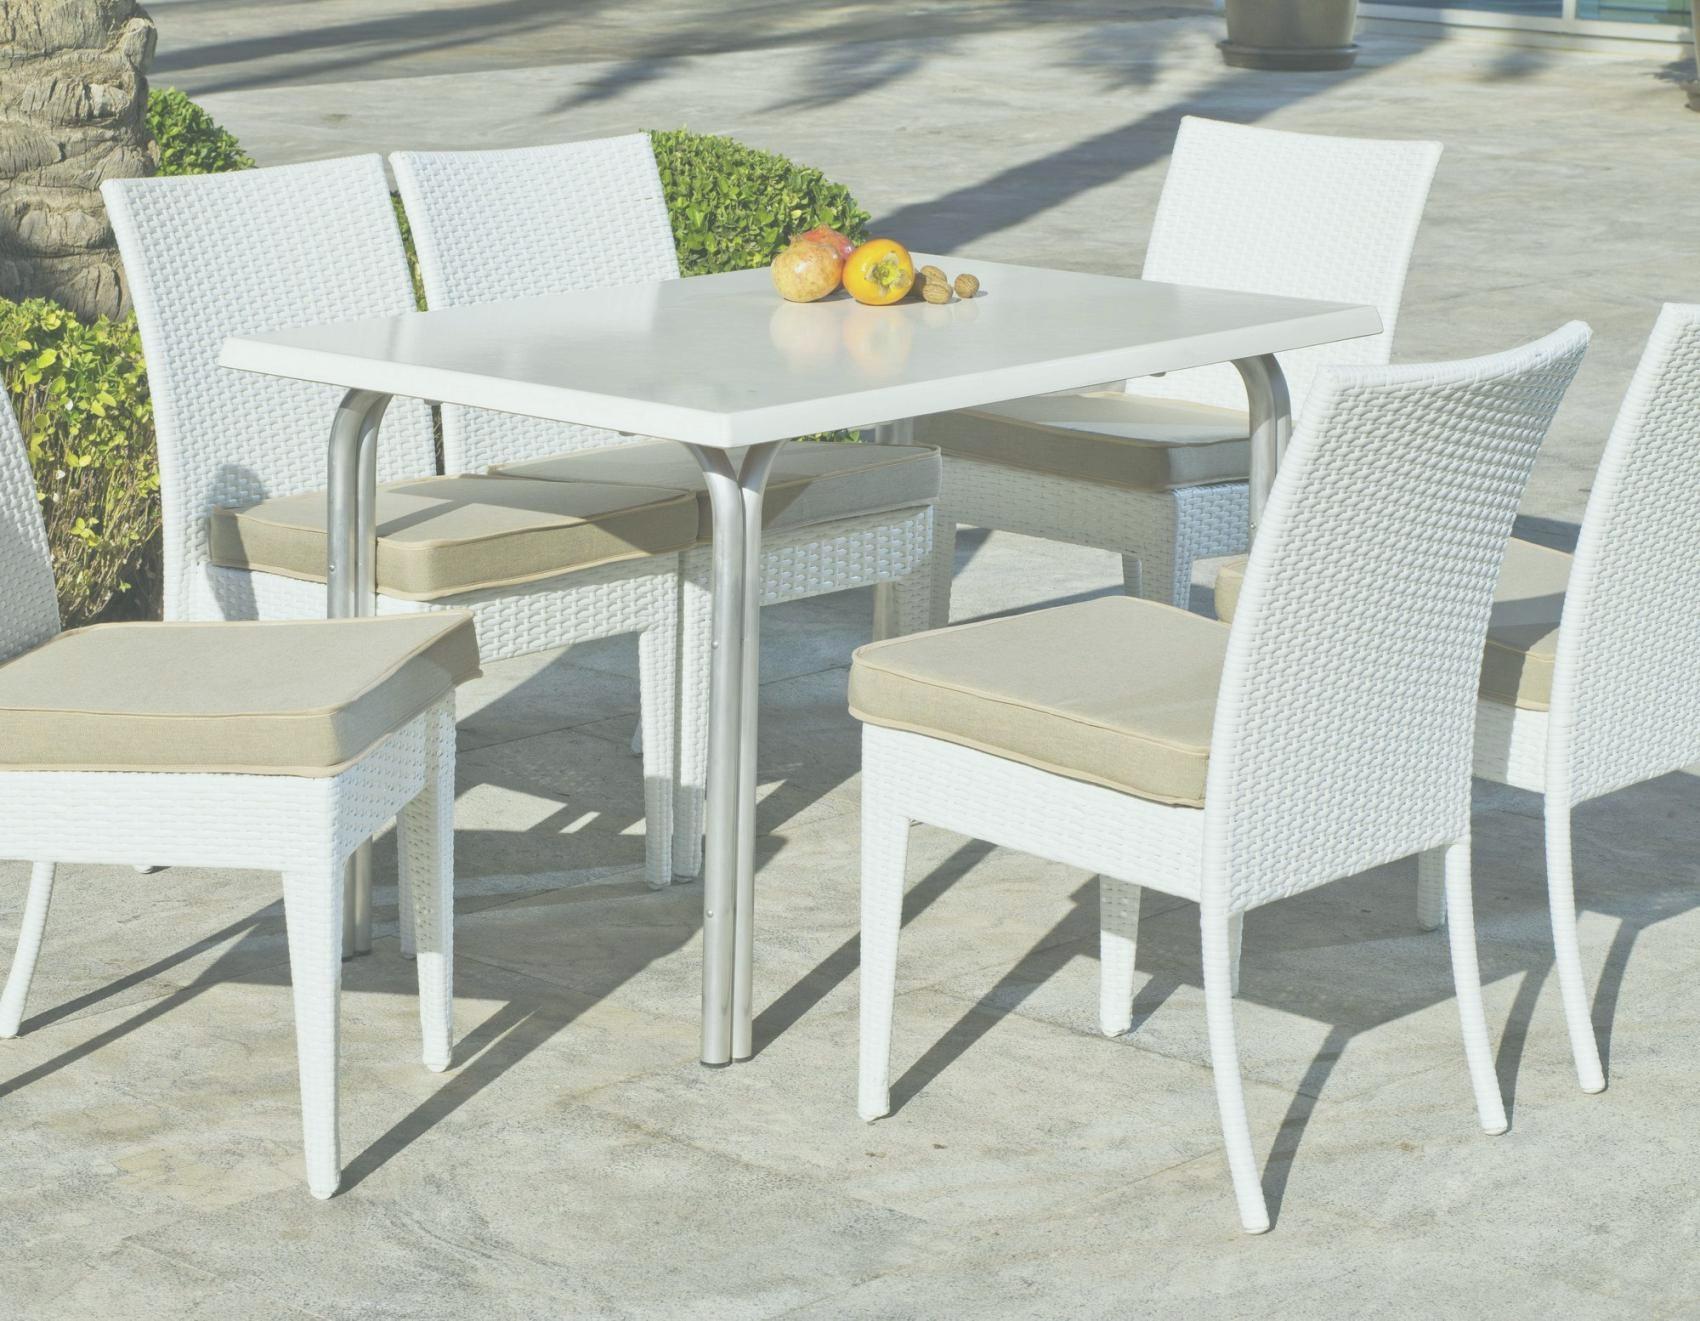 Chaise De Jardin Super U Luxe Images Hyper U Salon De Jardin Aussi Regard solennel Table Jardin Resine